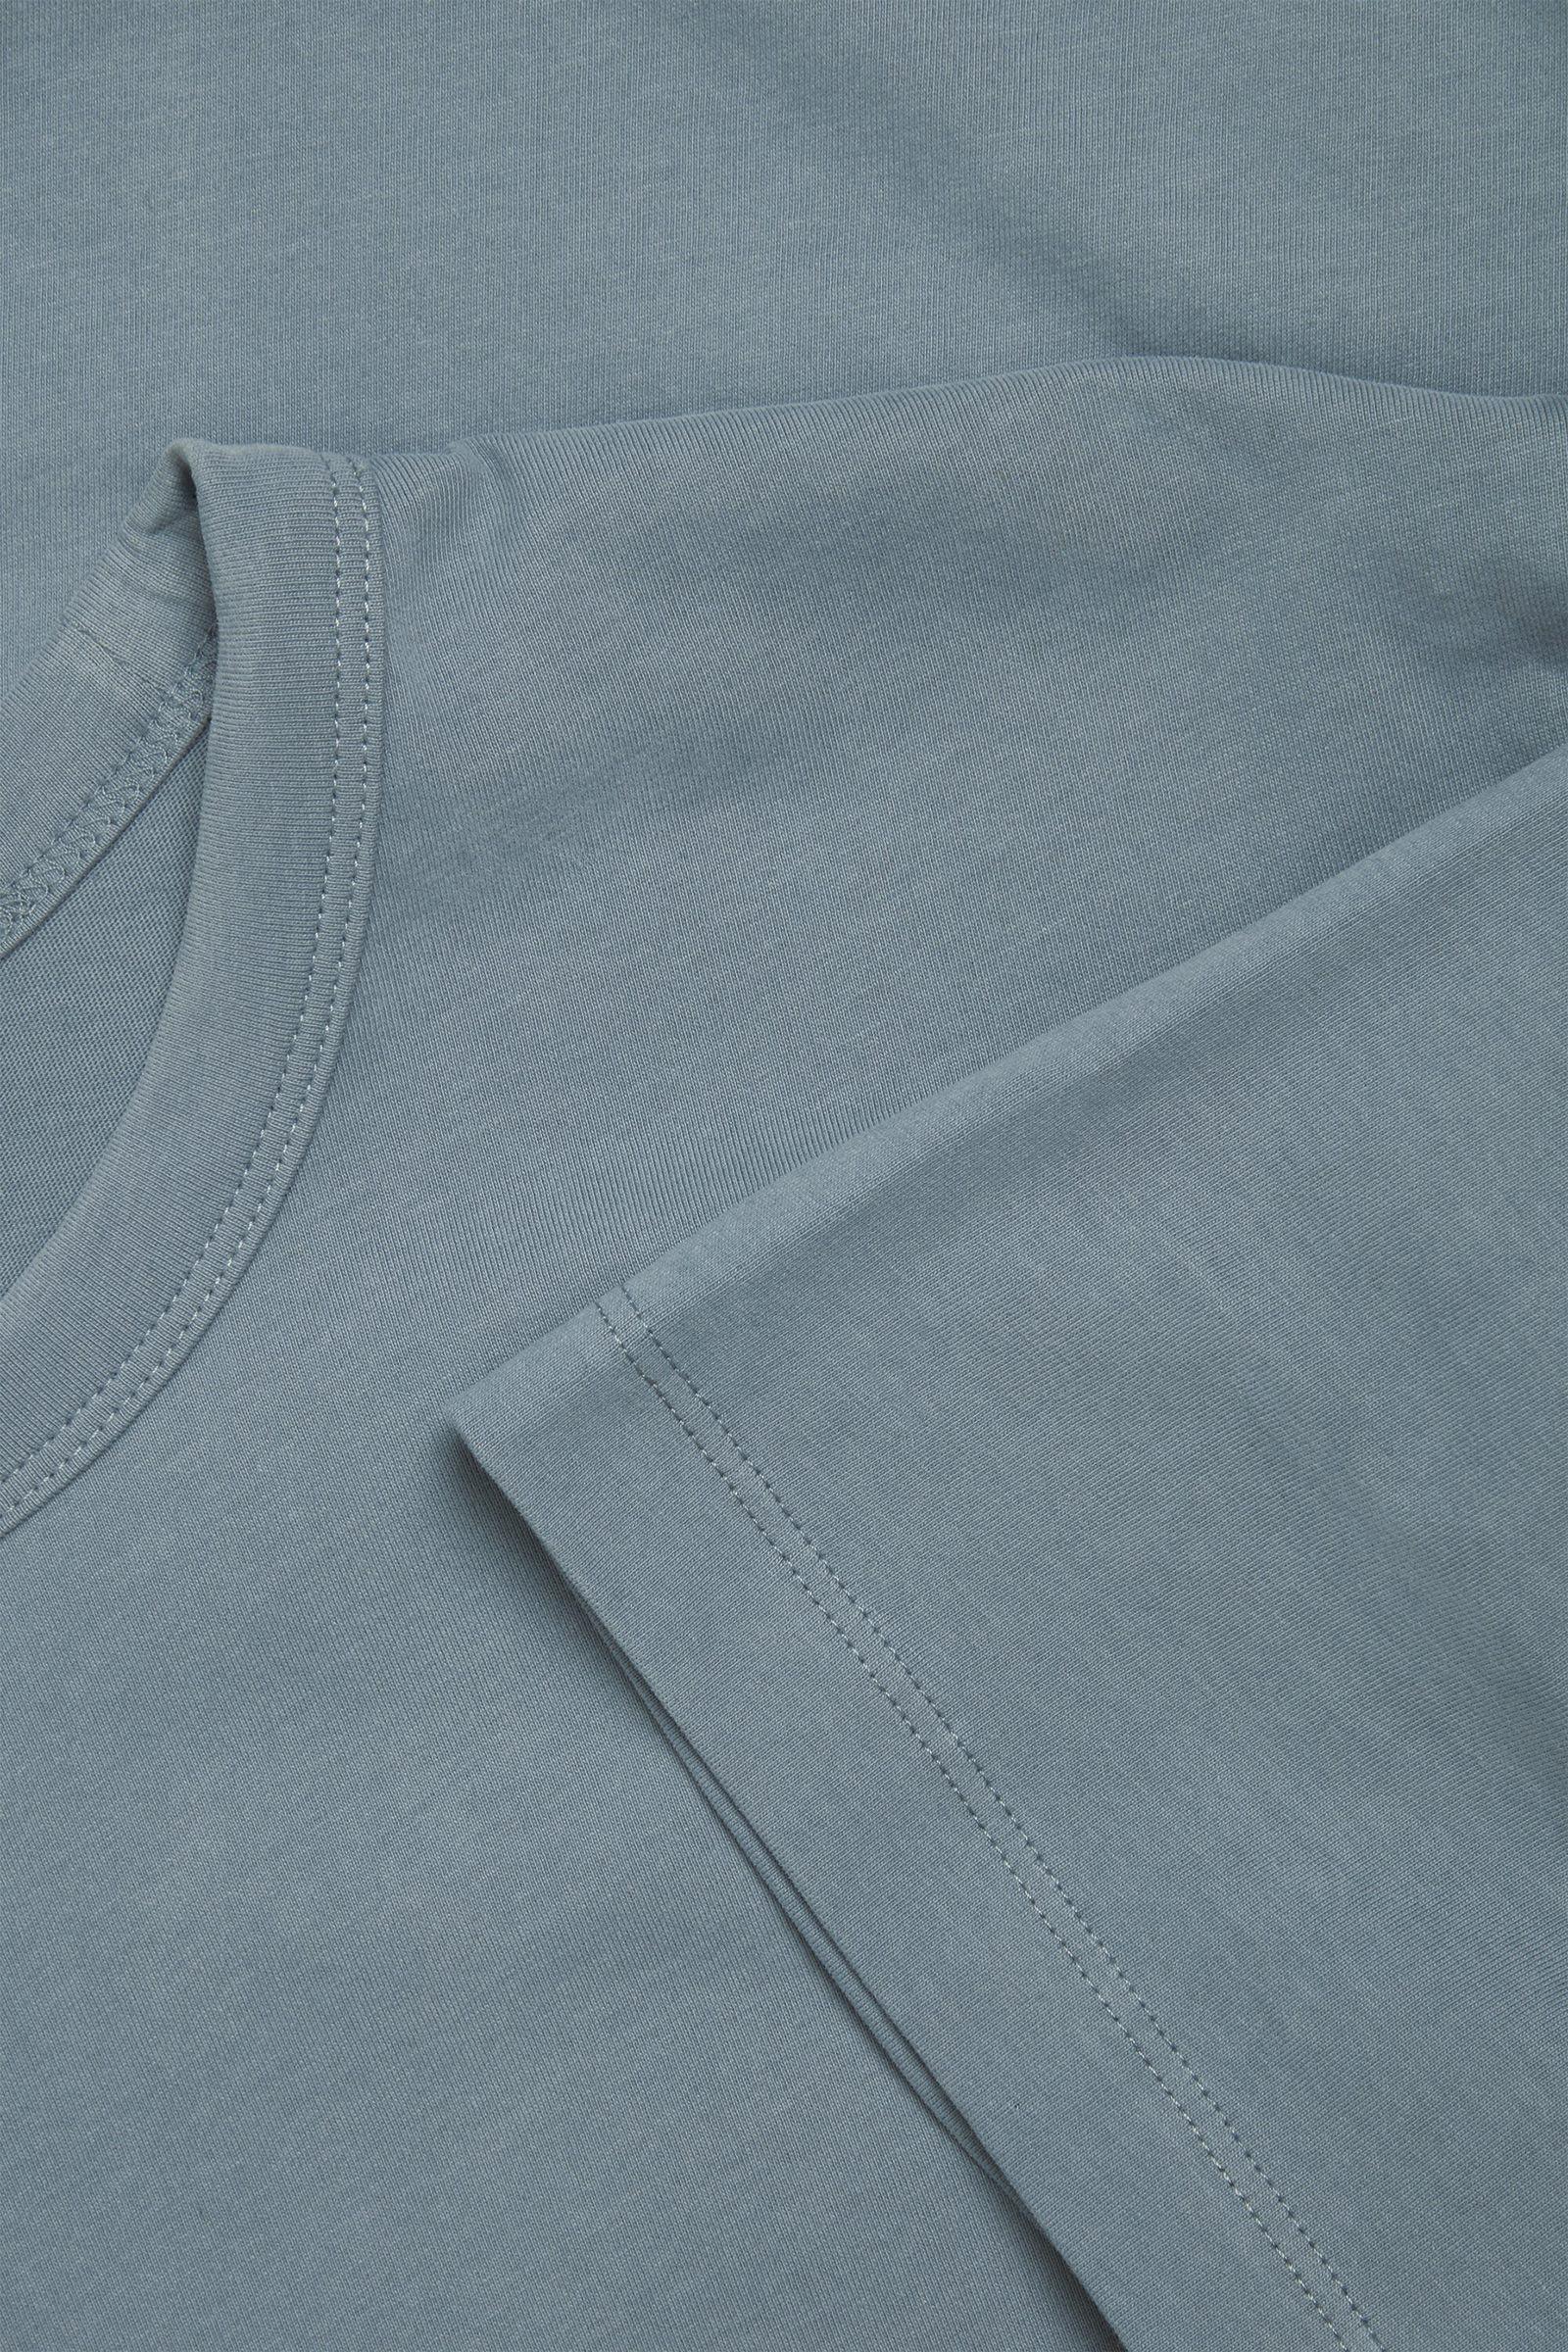 COS 레귤러 핏 브러쉬드 코튼 티셔츠의 스틸 블루컬러 Detail입니다.